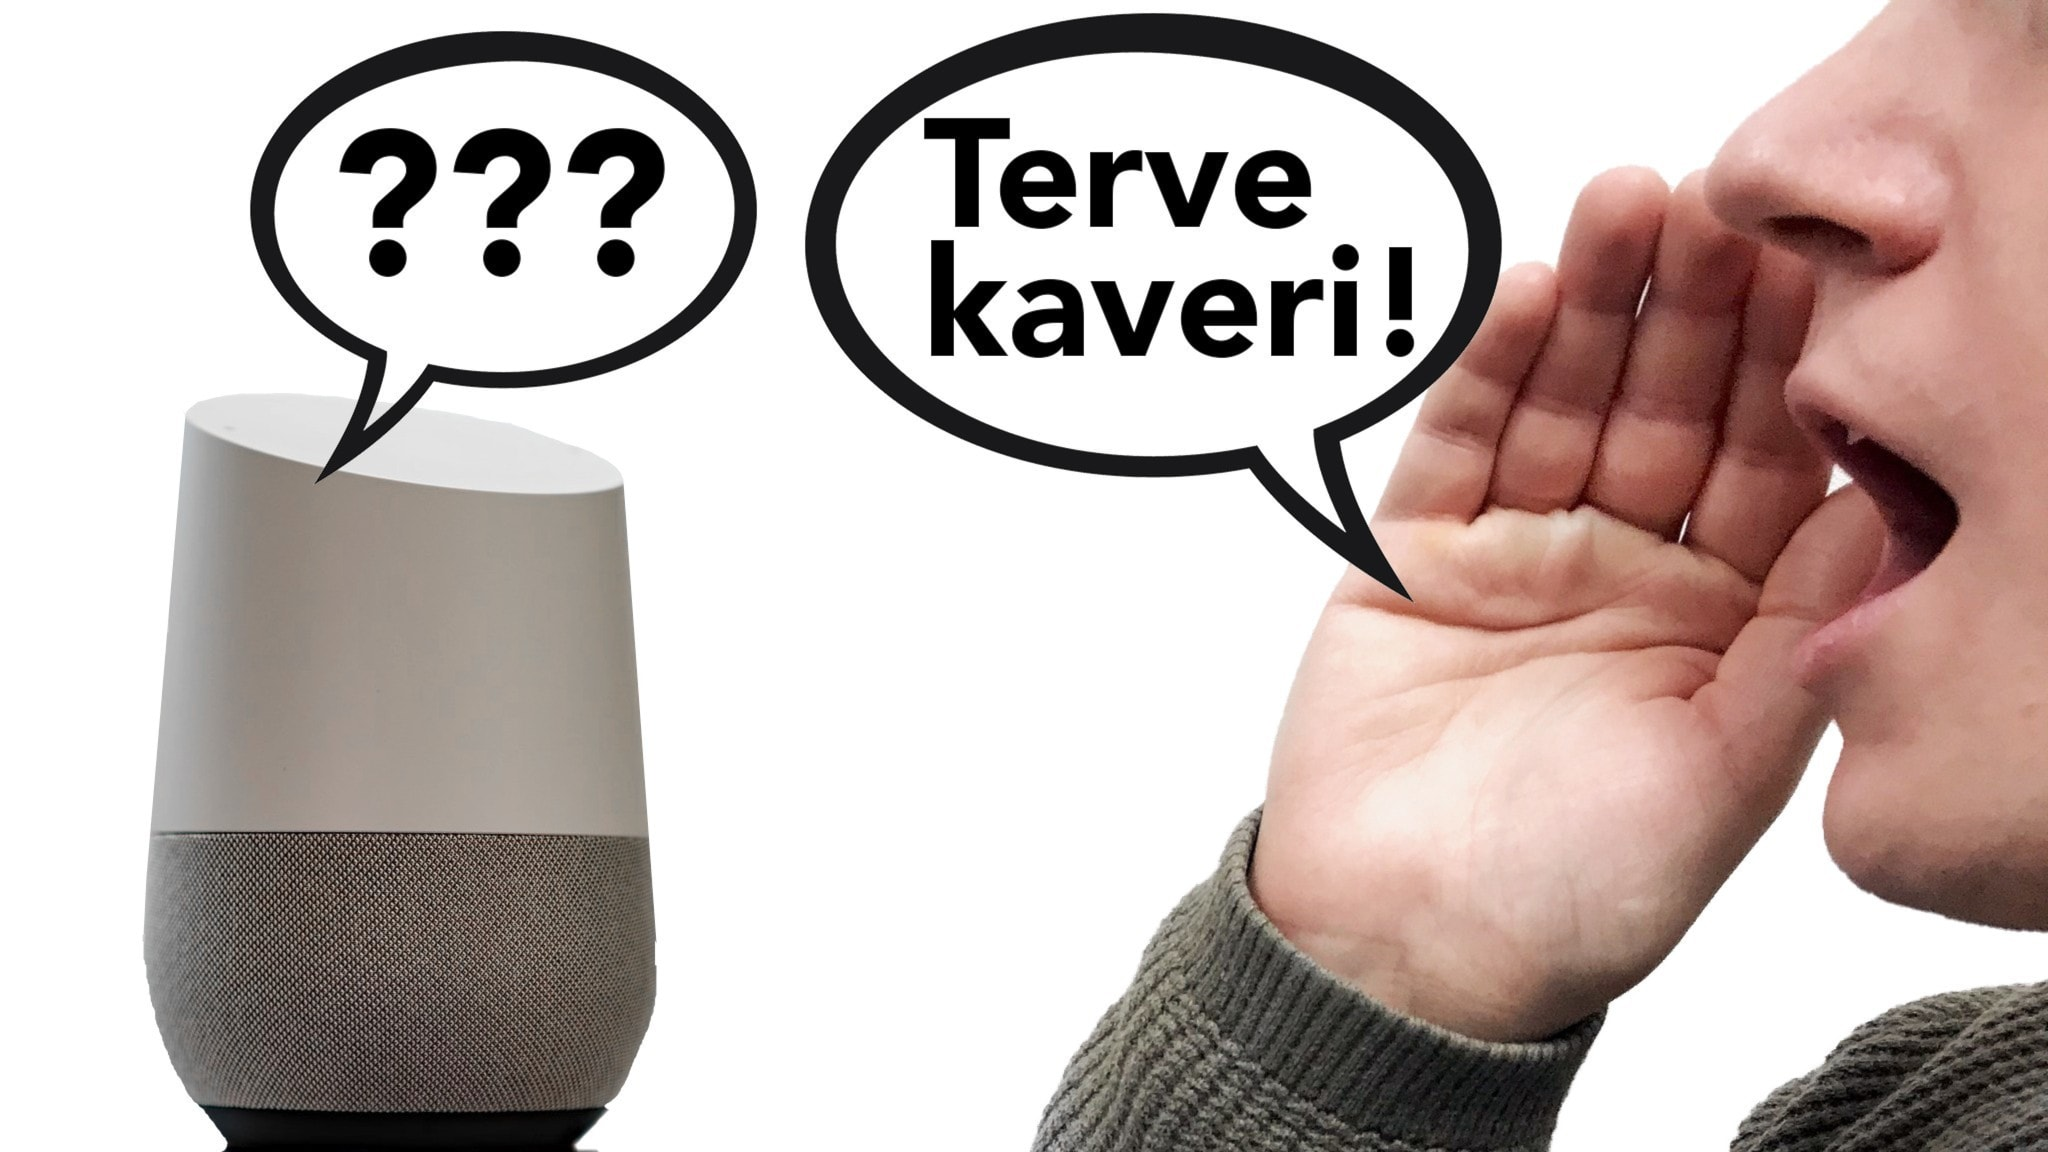 En man säger hej kompis på finska till en smarthögtalare som svarar med tre frågetecken.